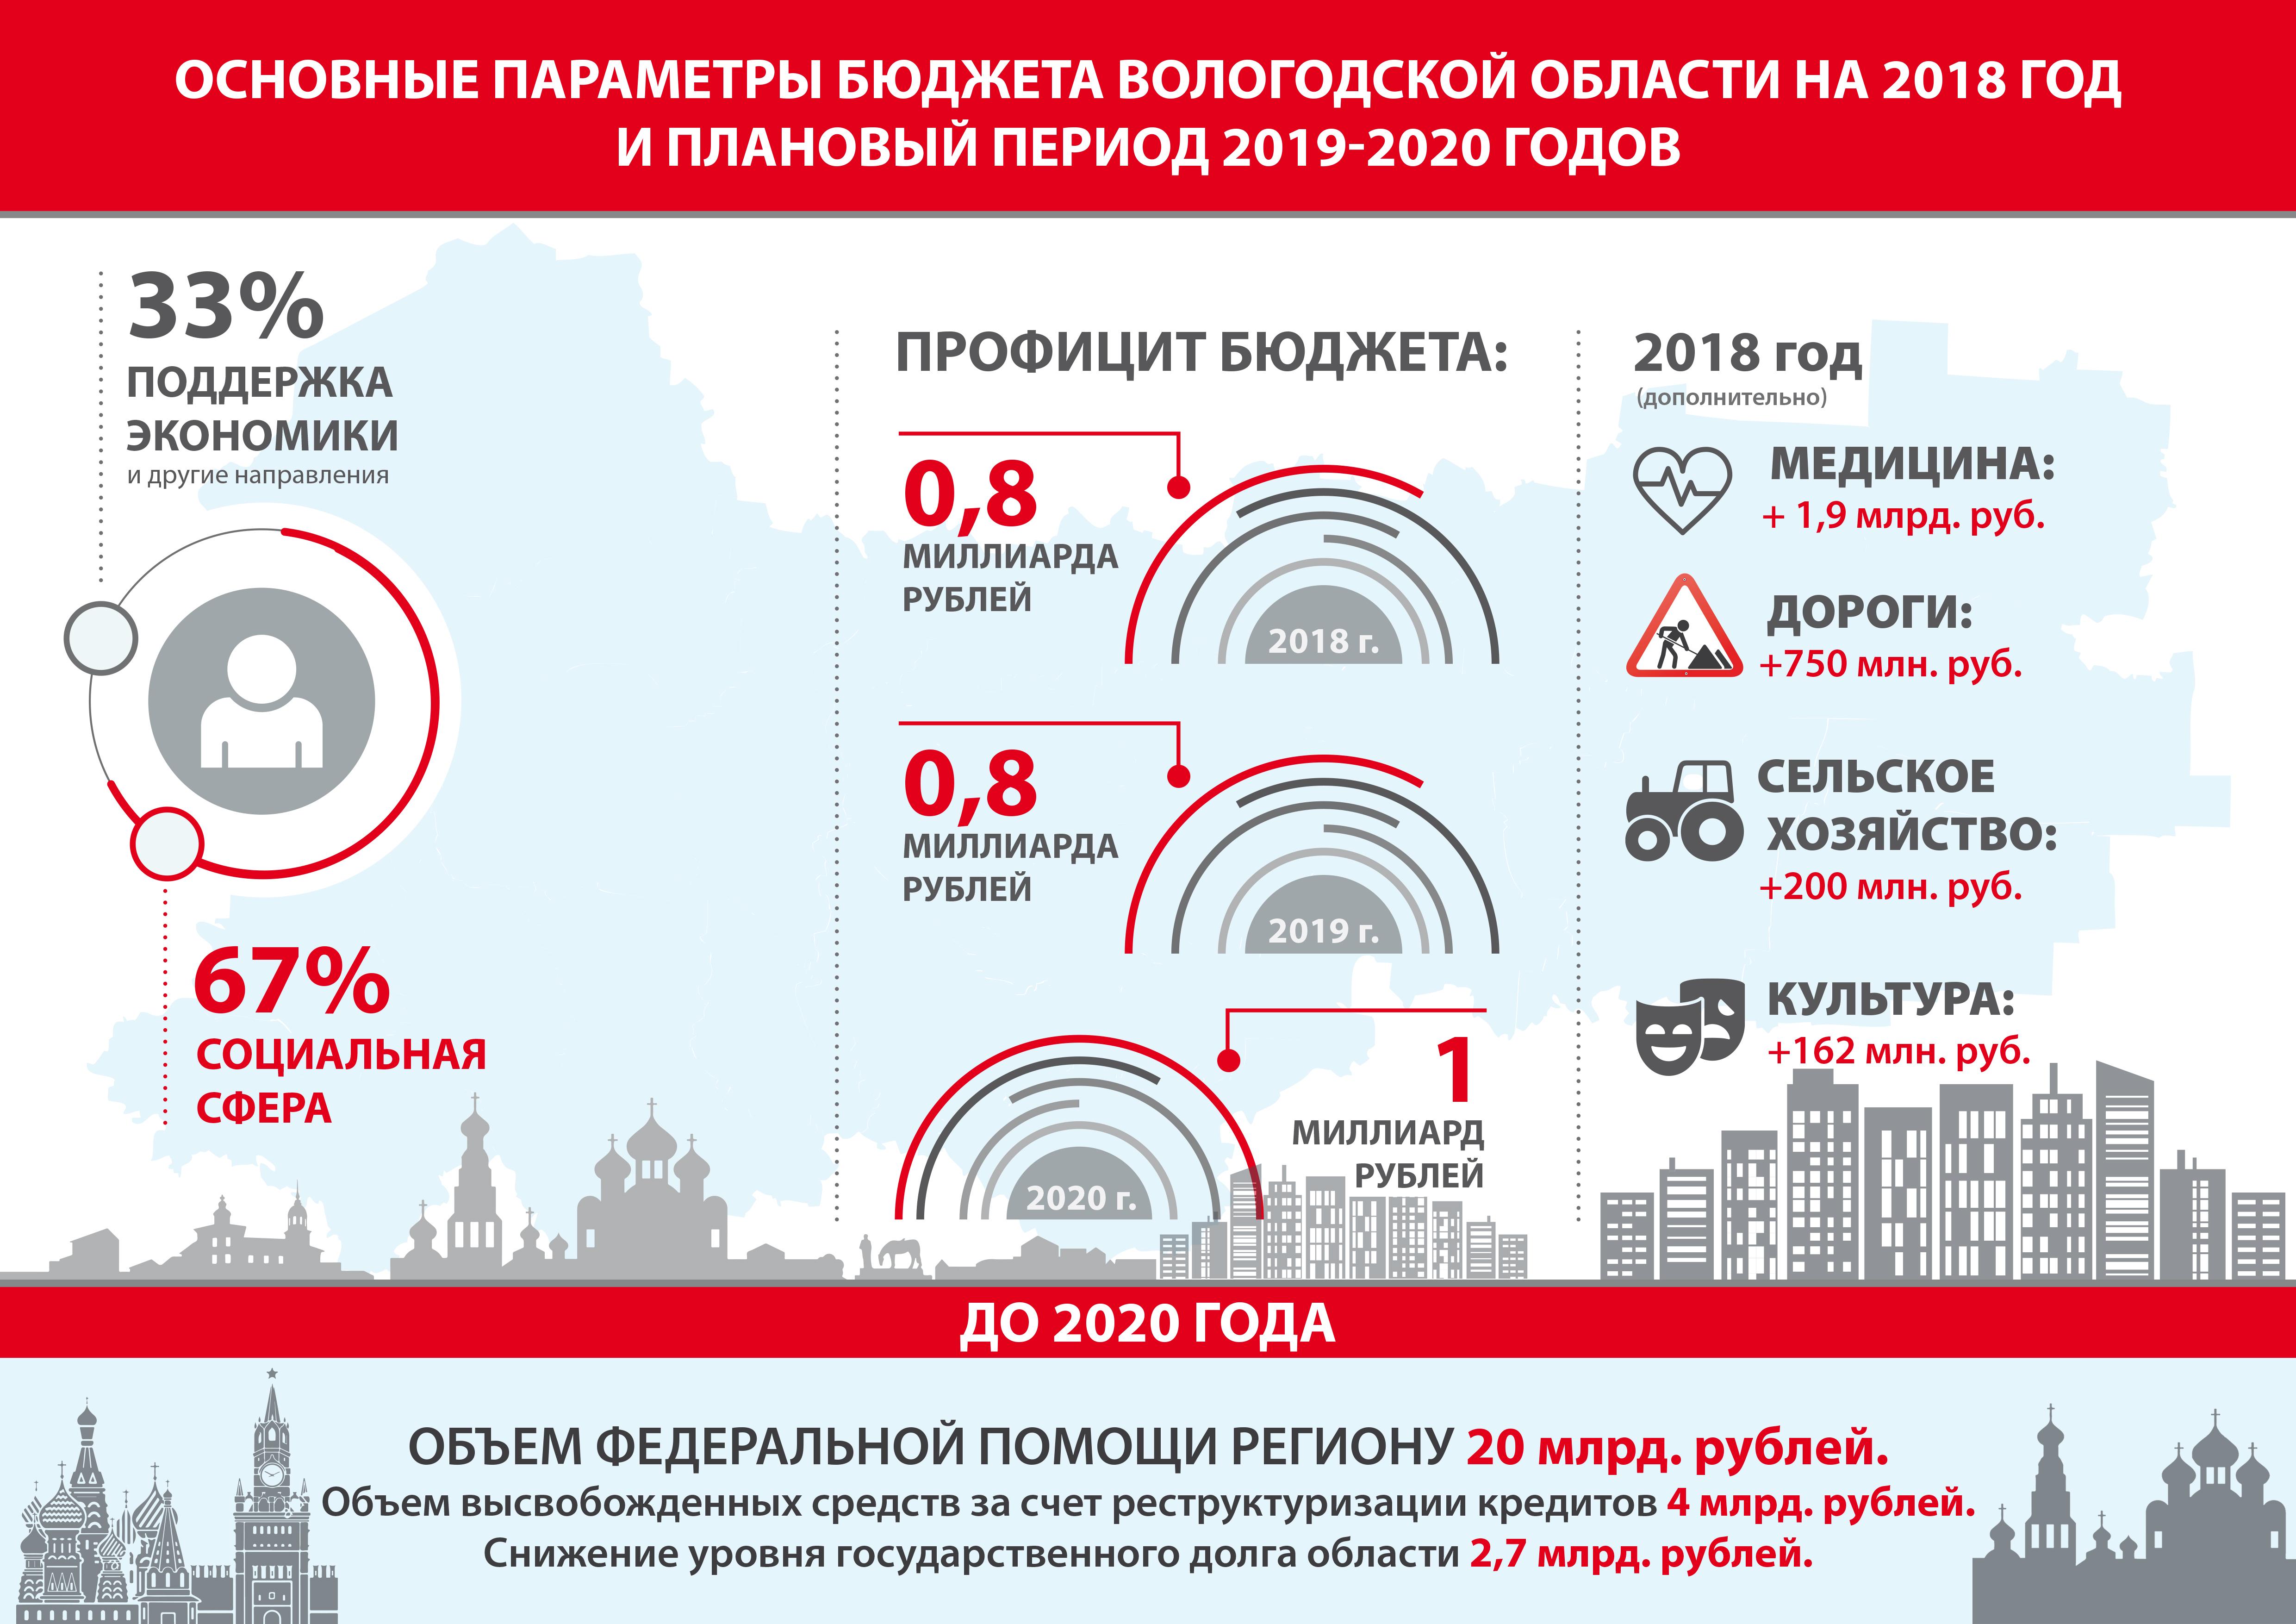 Бюджет Вологодской области на 2018 год и плановый период 2019-2020 годов принят в первом чтении